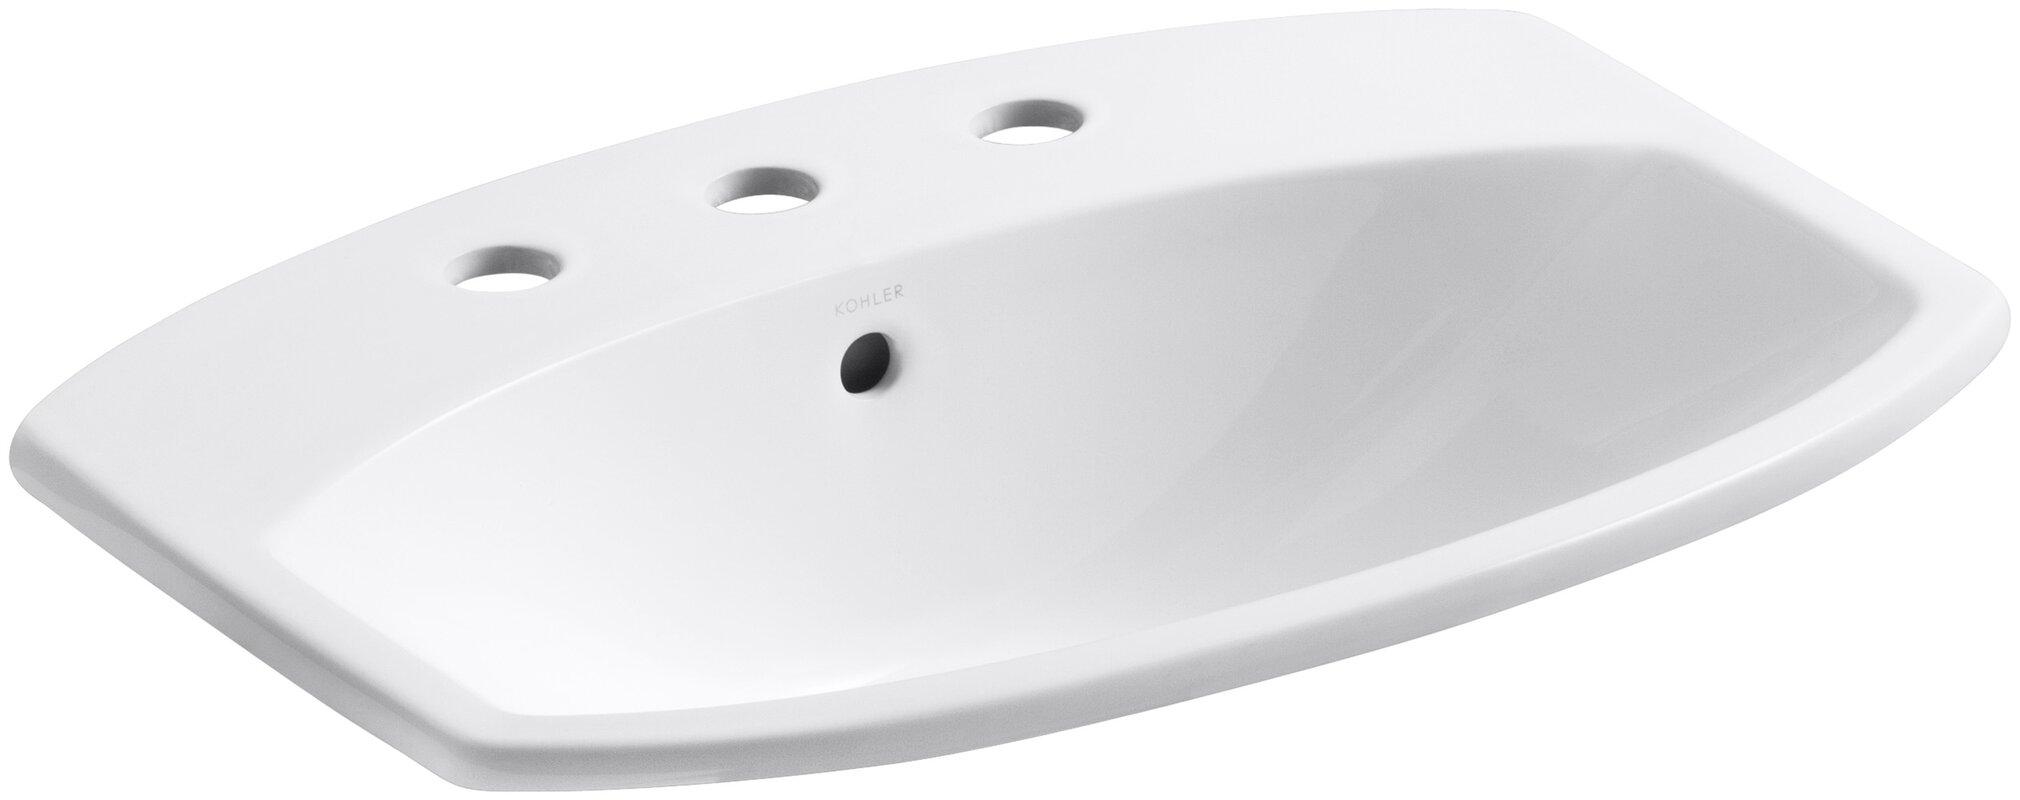 Cimarron® Ceramic Rectangular Drop-In Bathroom Sink with Overflow